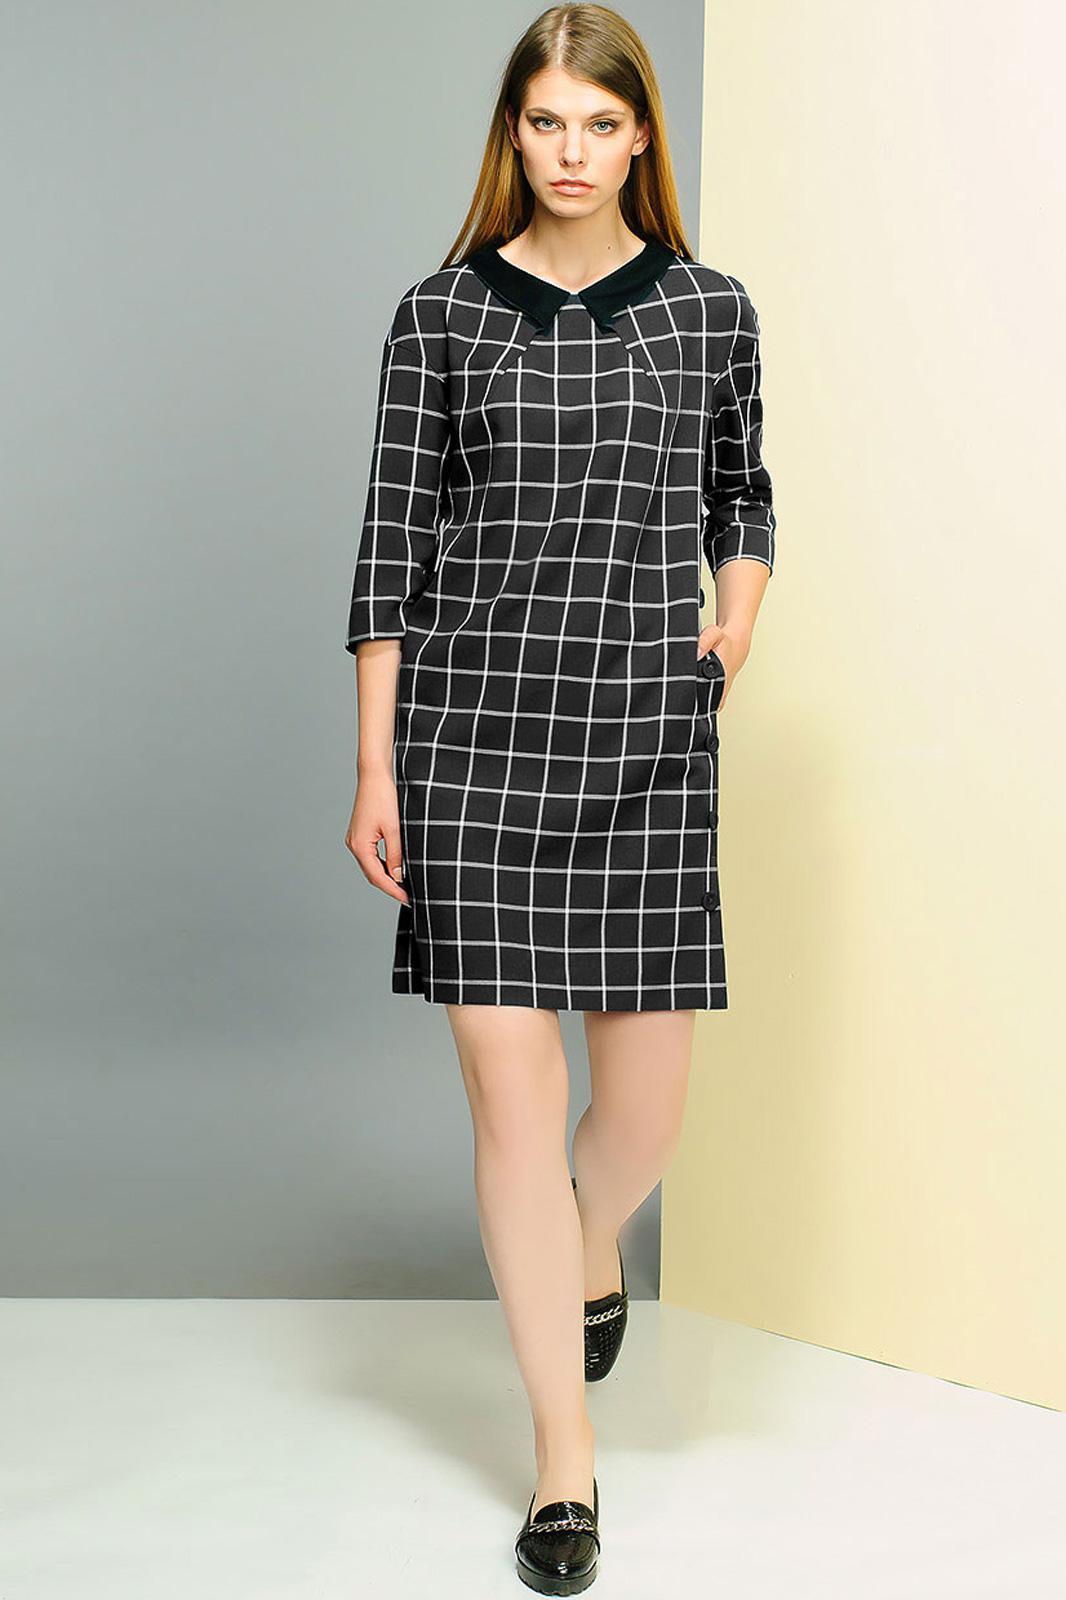 Купить Платье Golden Valley, 4411 чёрный, Беларусь